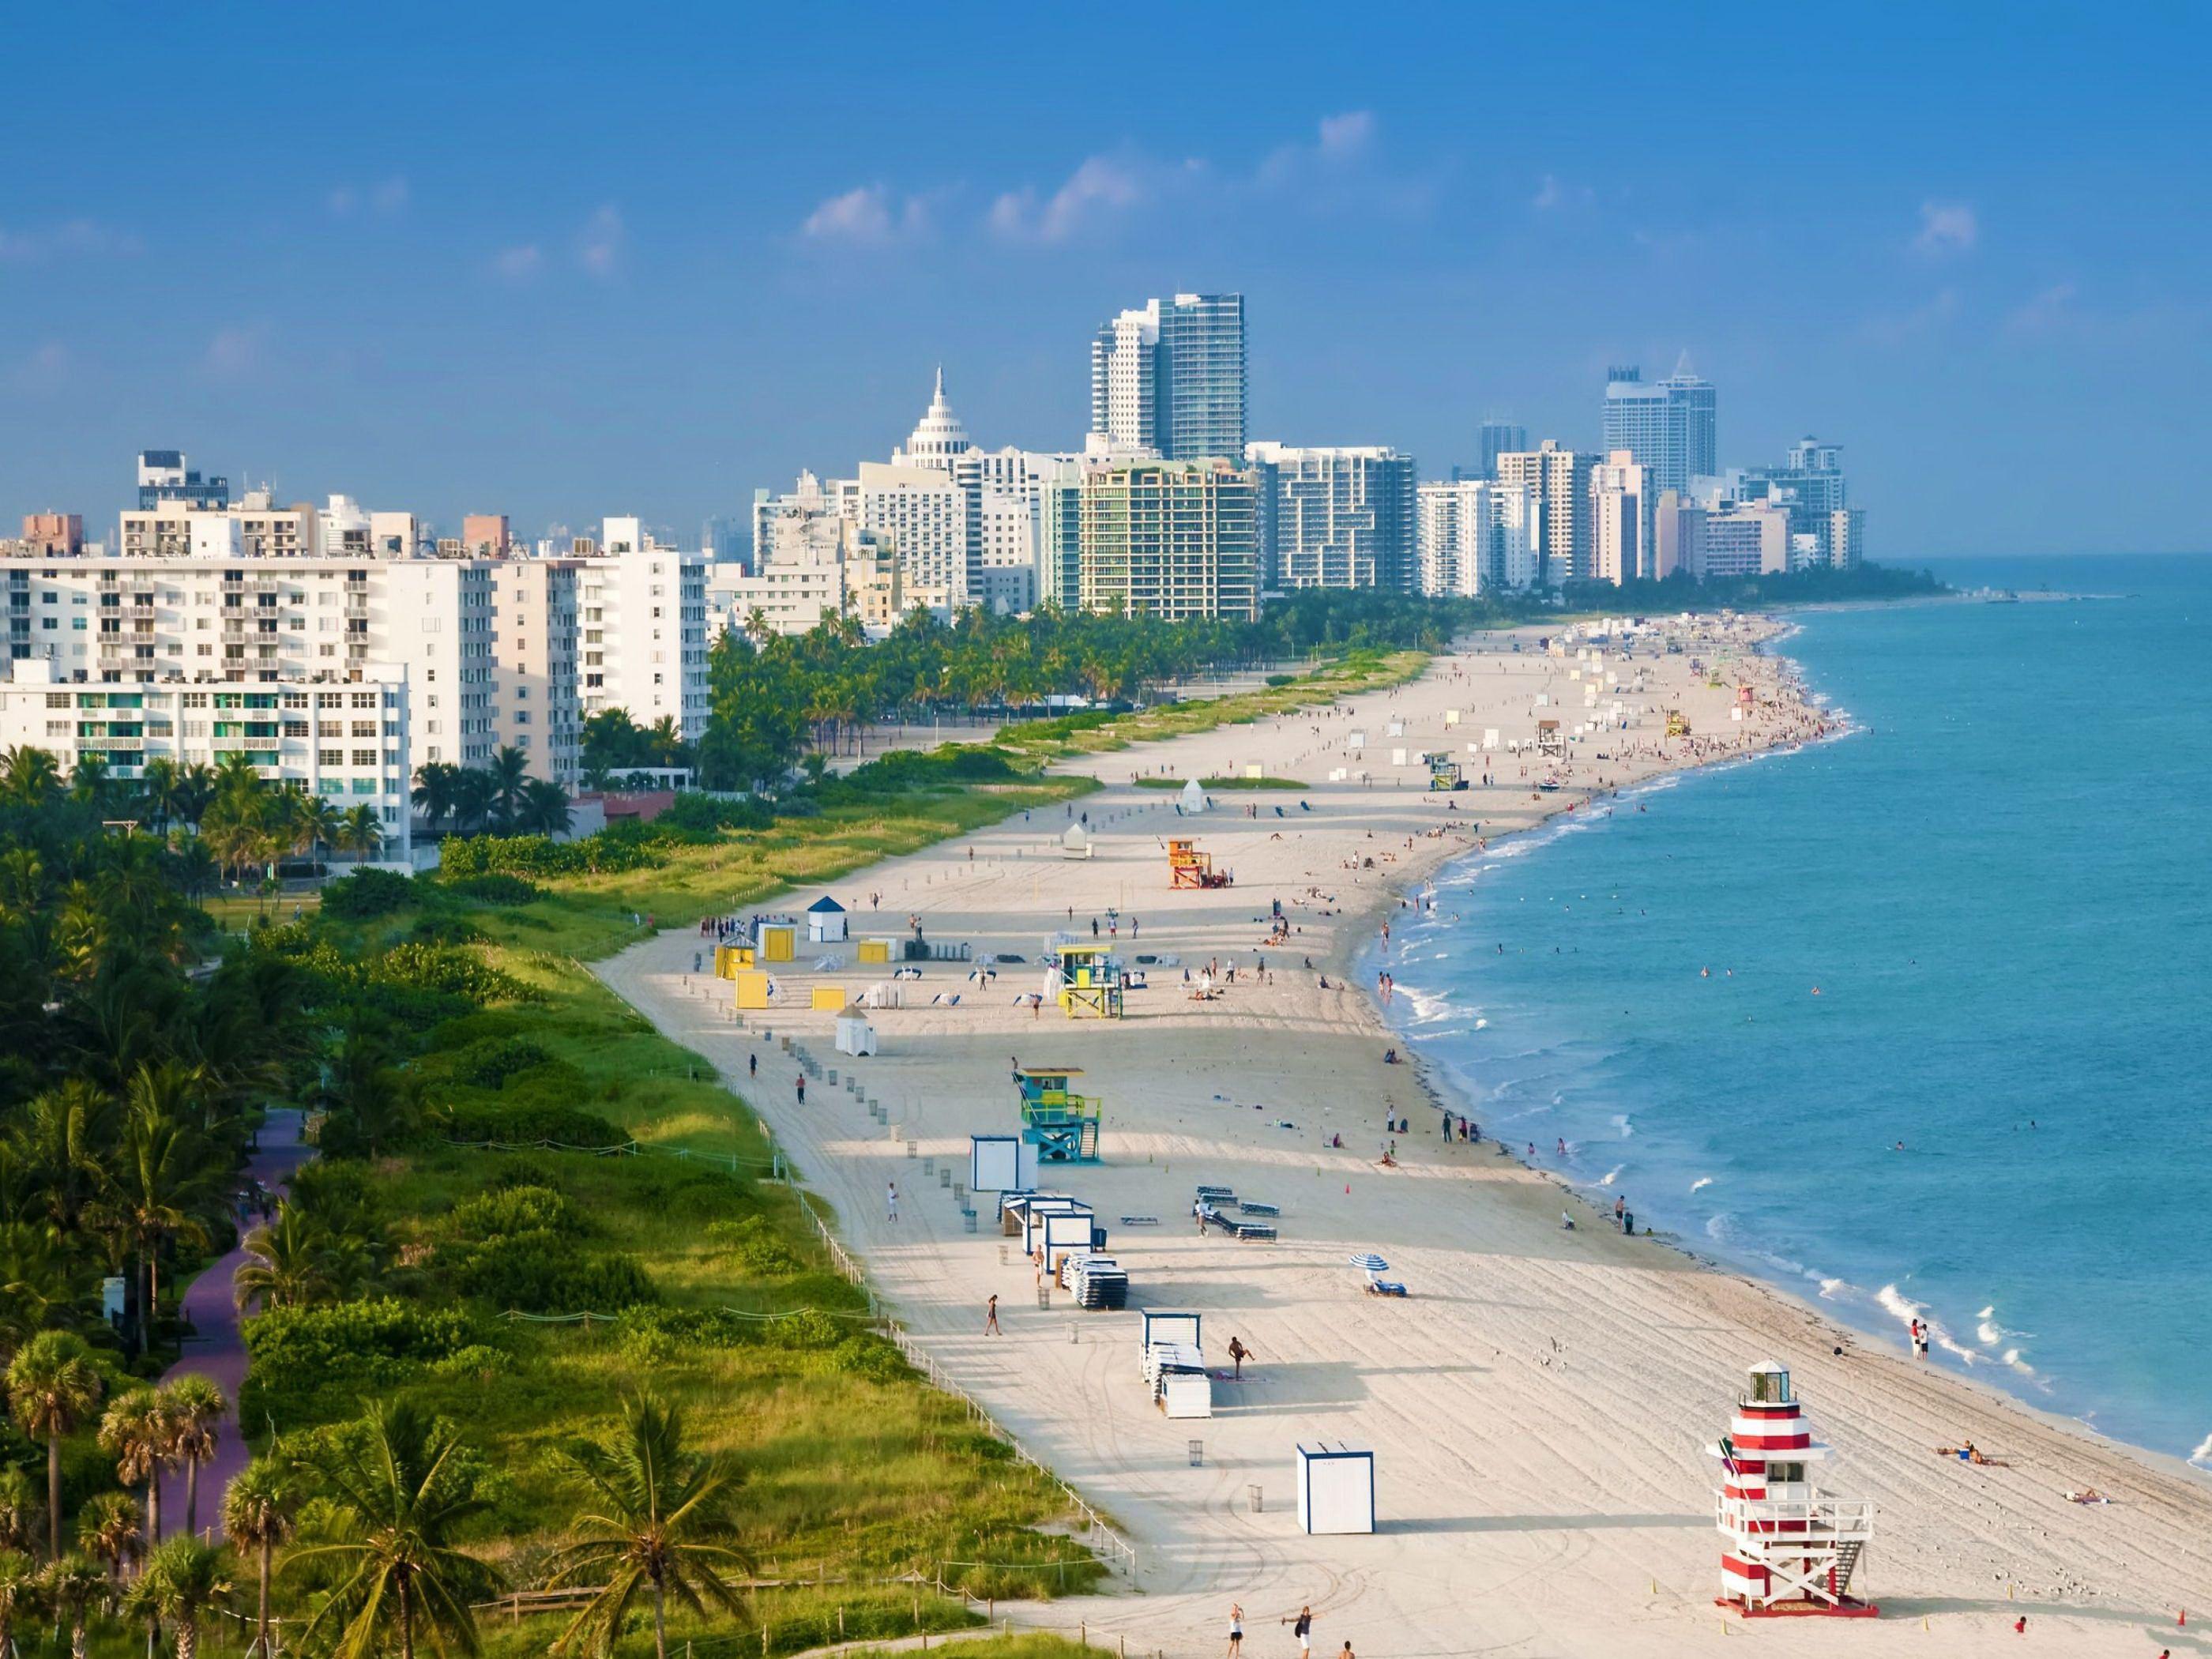 Haulover Beach Park Miami Beach Wallpaper Miami Beach Florida Beaches